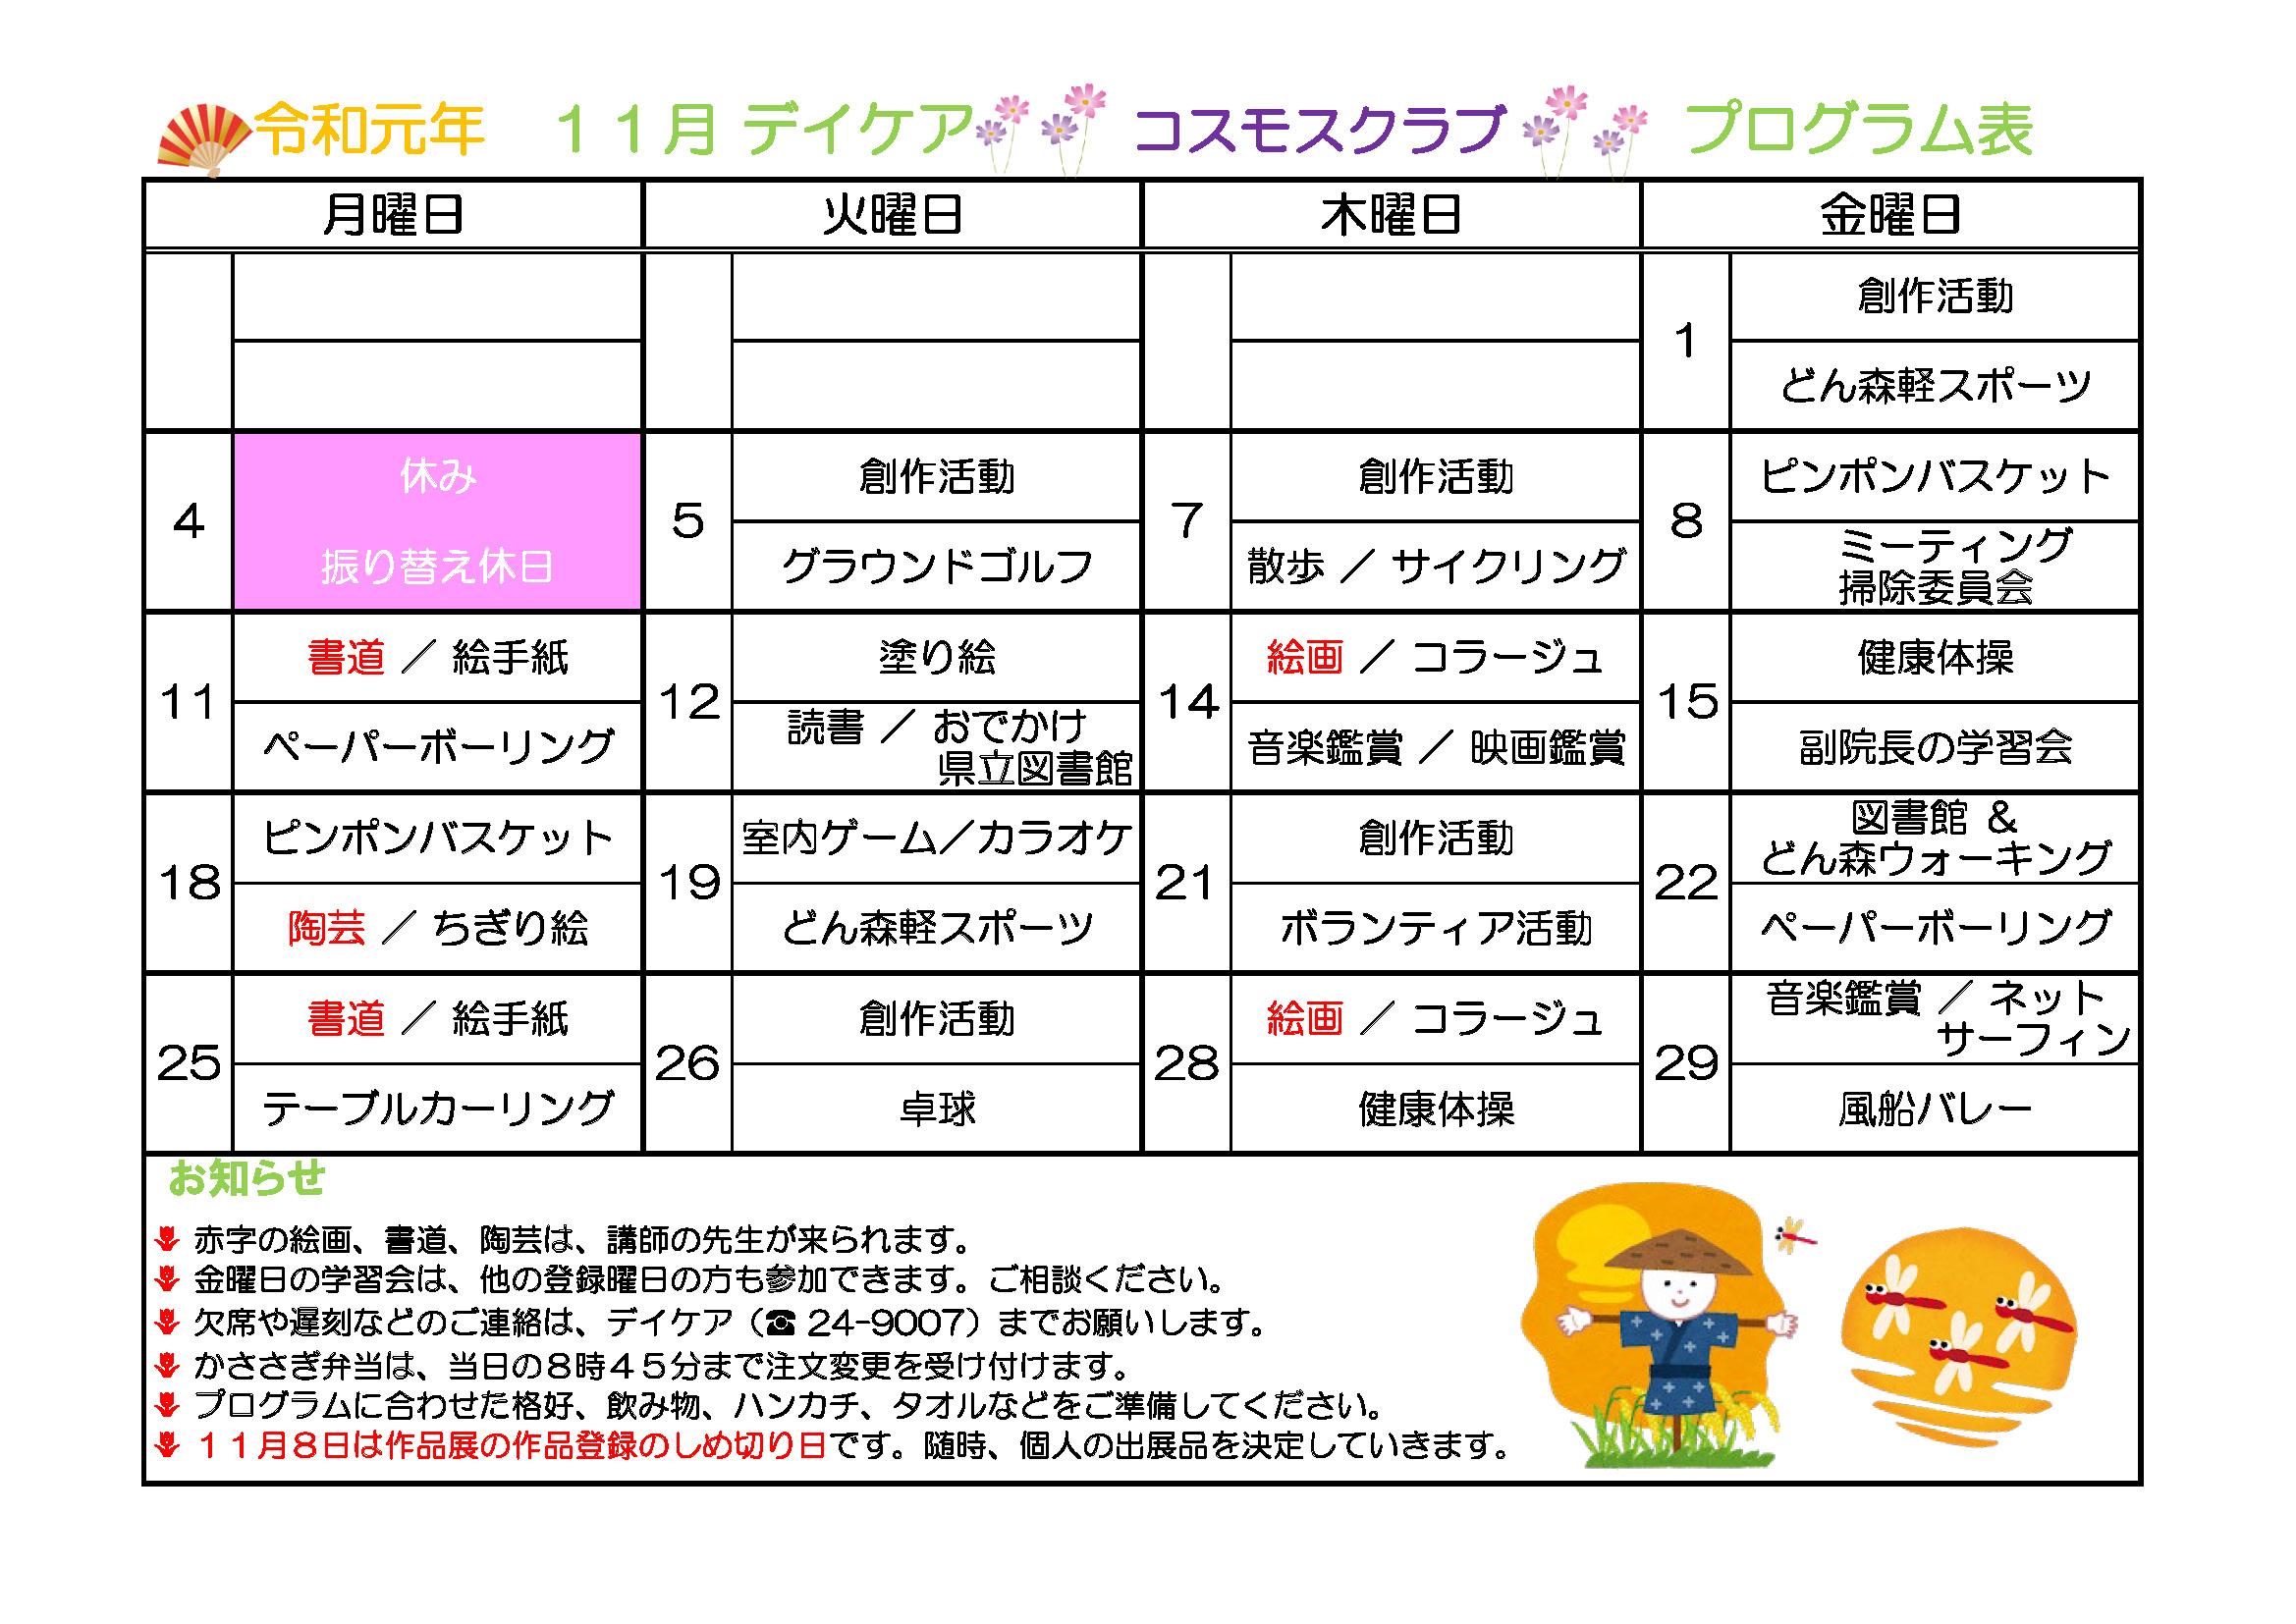 2019年11月プログラム表